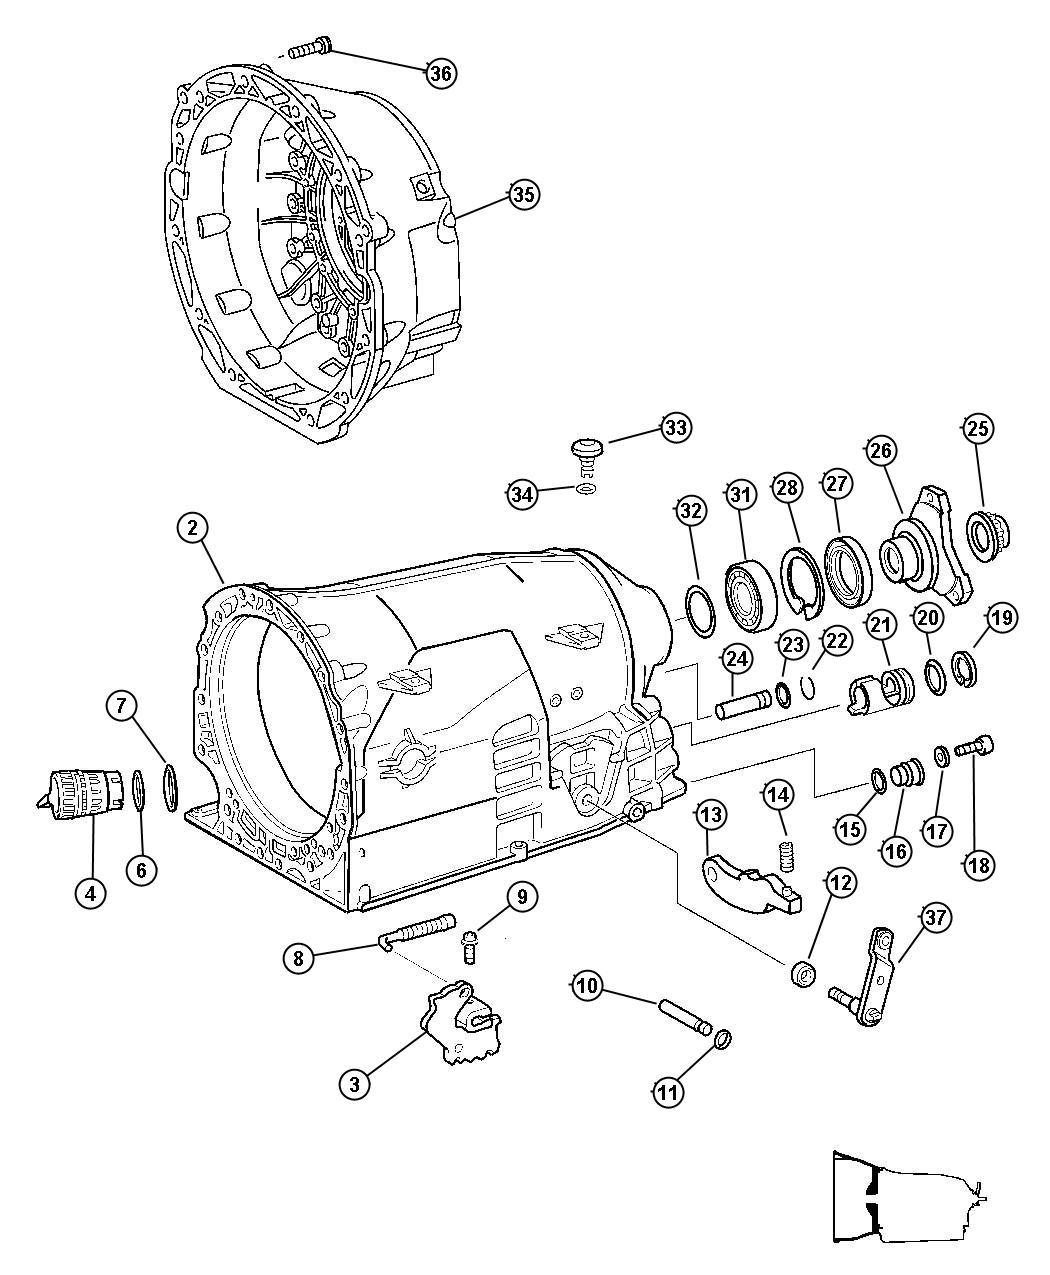 2011 Dodge Nitro Flange  Drive Shaft  Case  Extension  Transmission